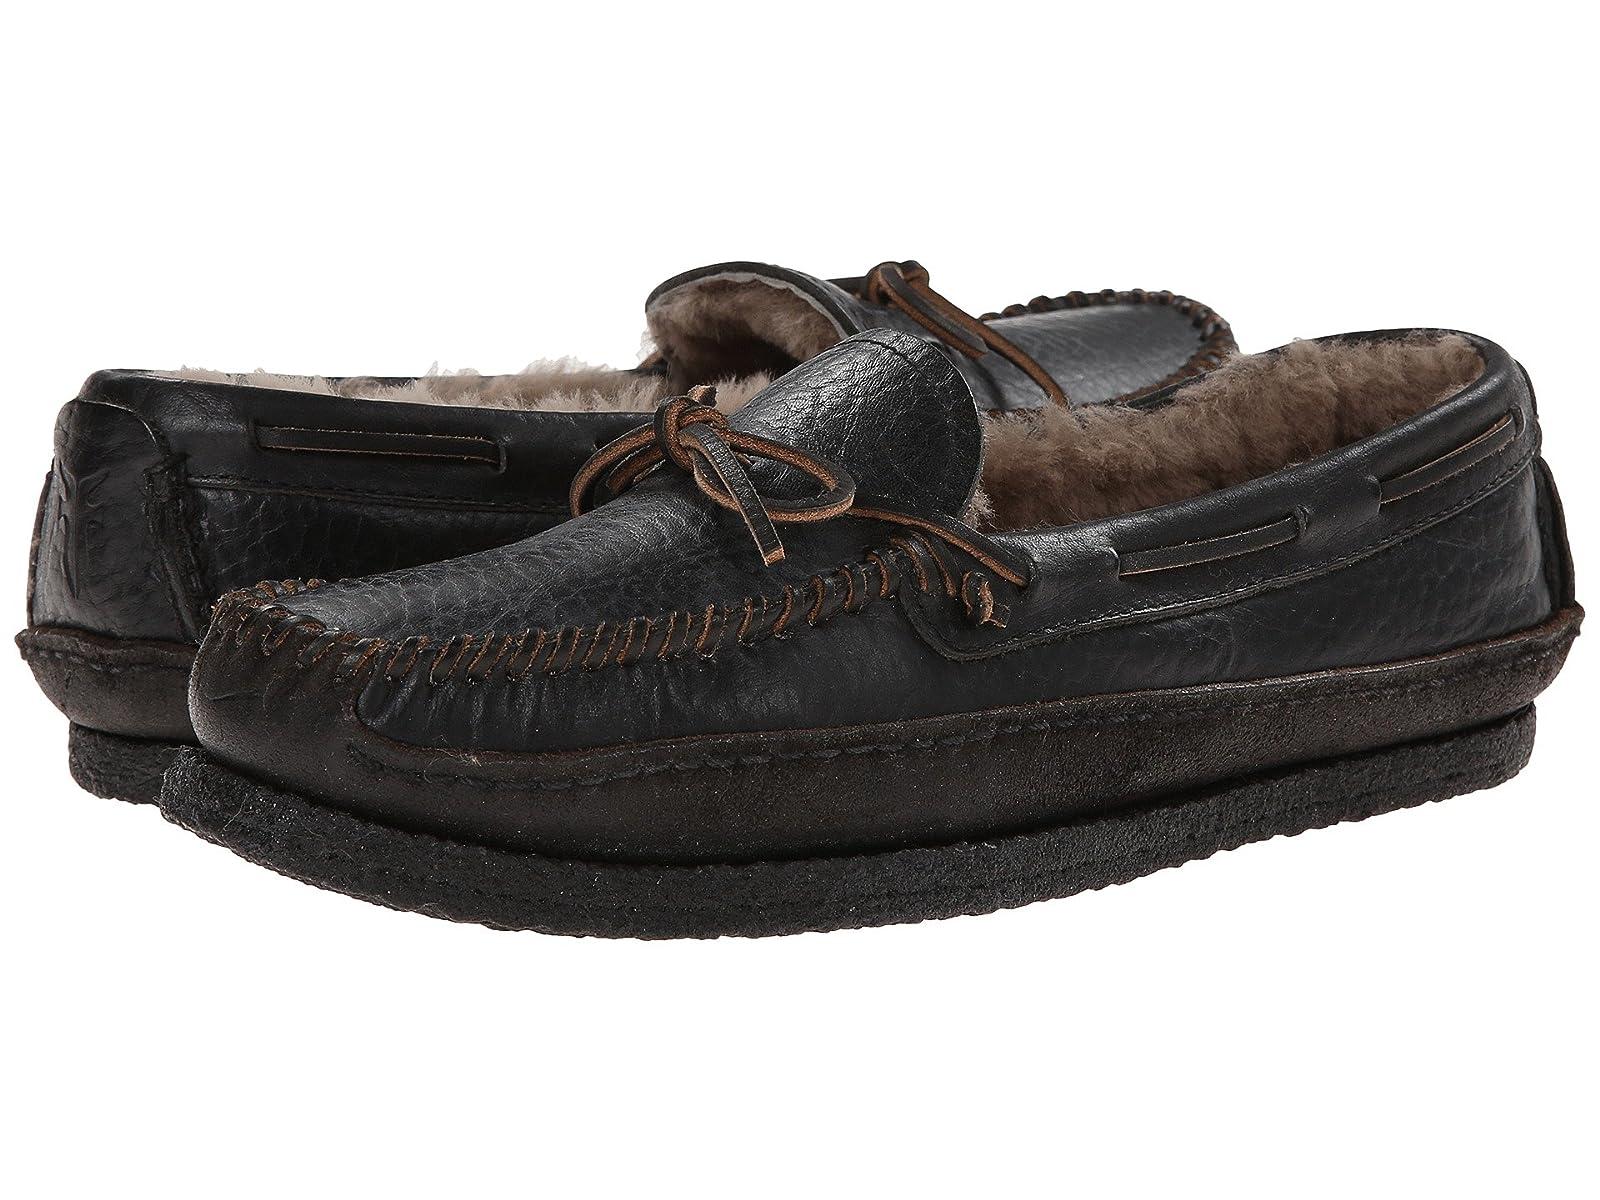 Frye Porter TieAtmospheric grades have affordable shoes